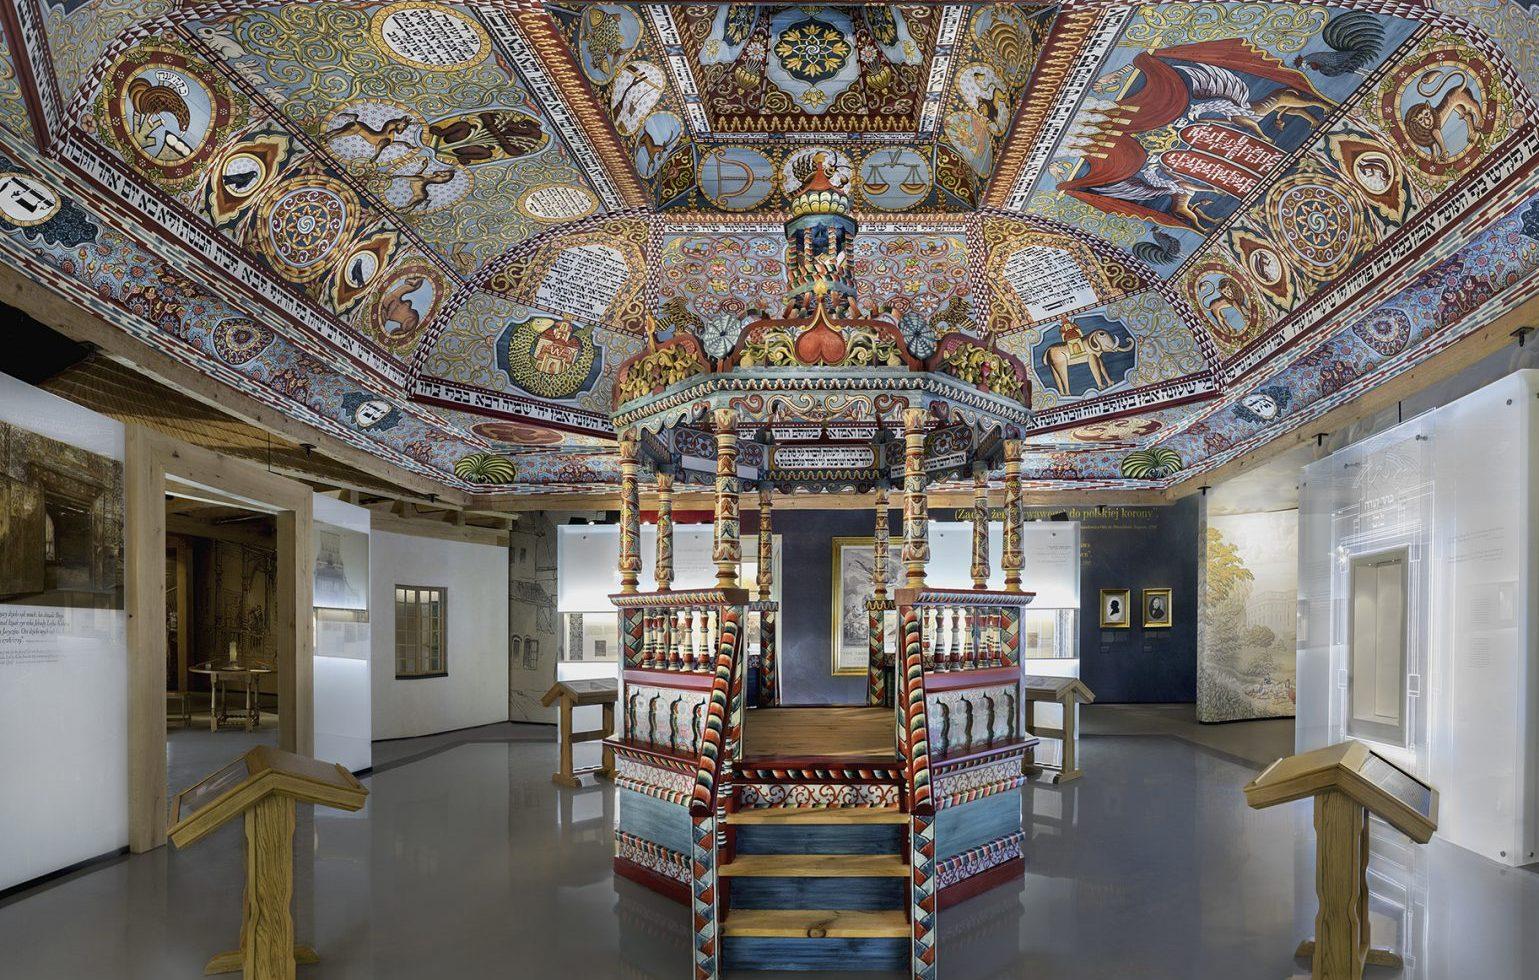 muzeum-historii-ydw-polskich_30371599156_o-e1532681293692